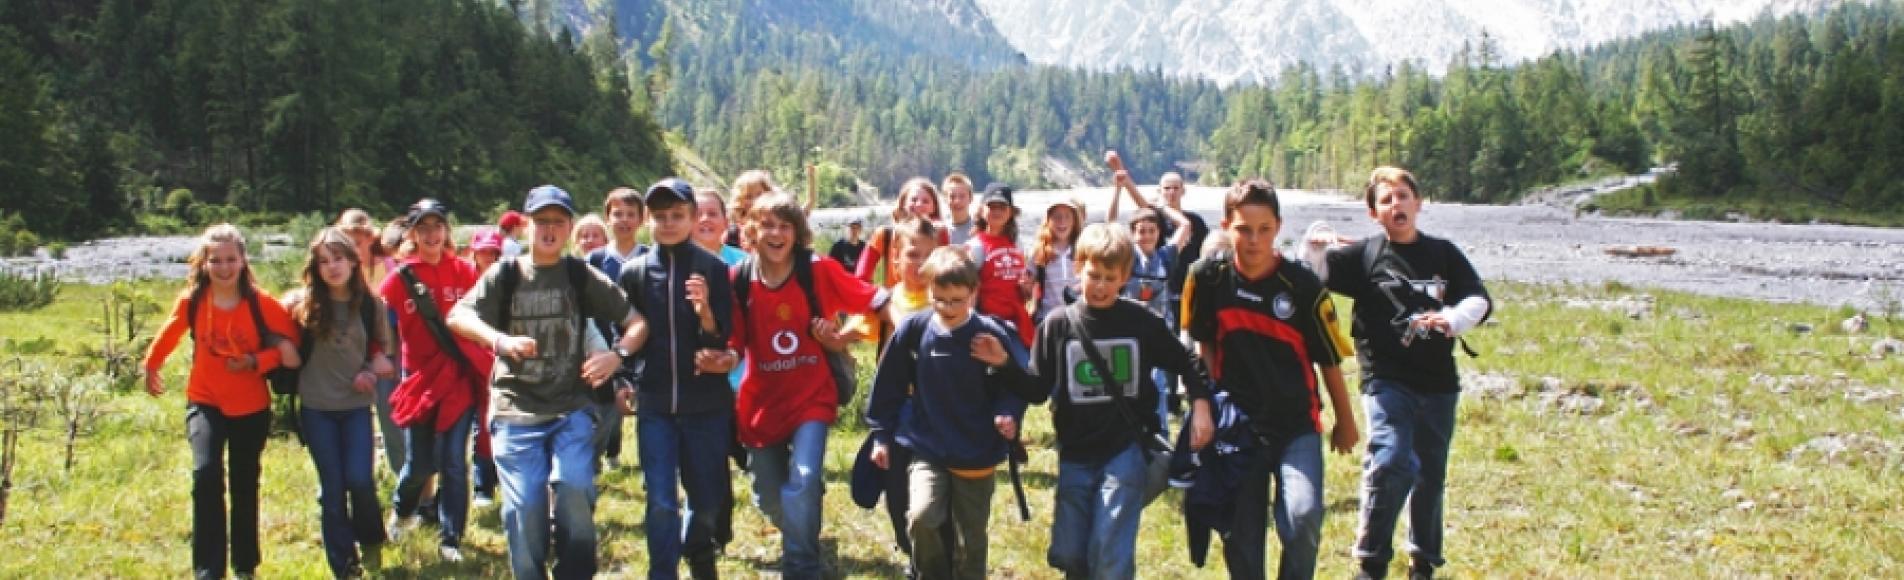 Jeunes au sommet - juillet 2015 - Alparc